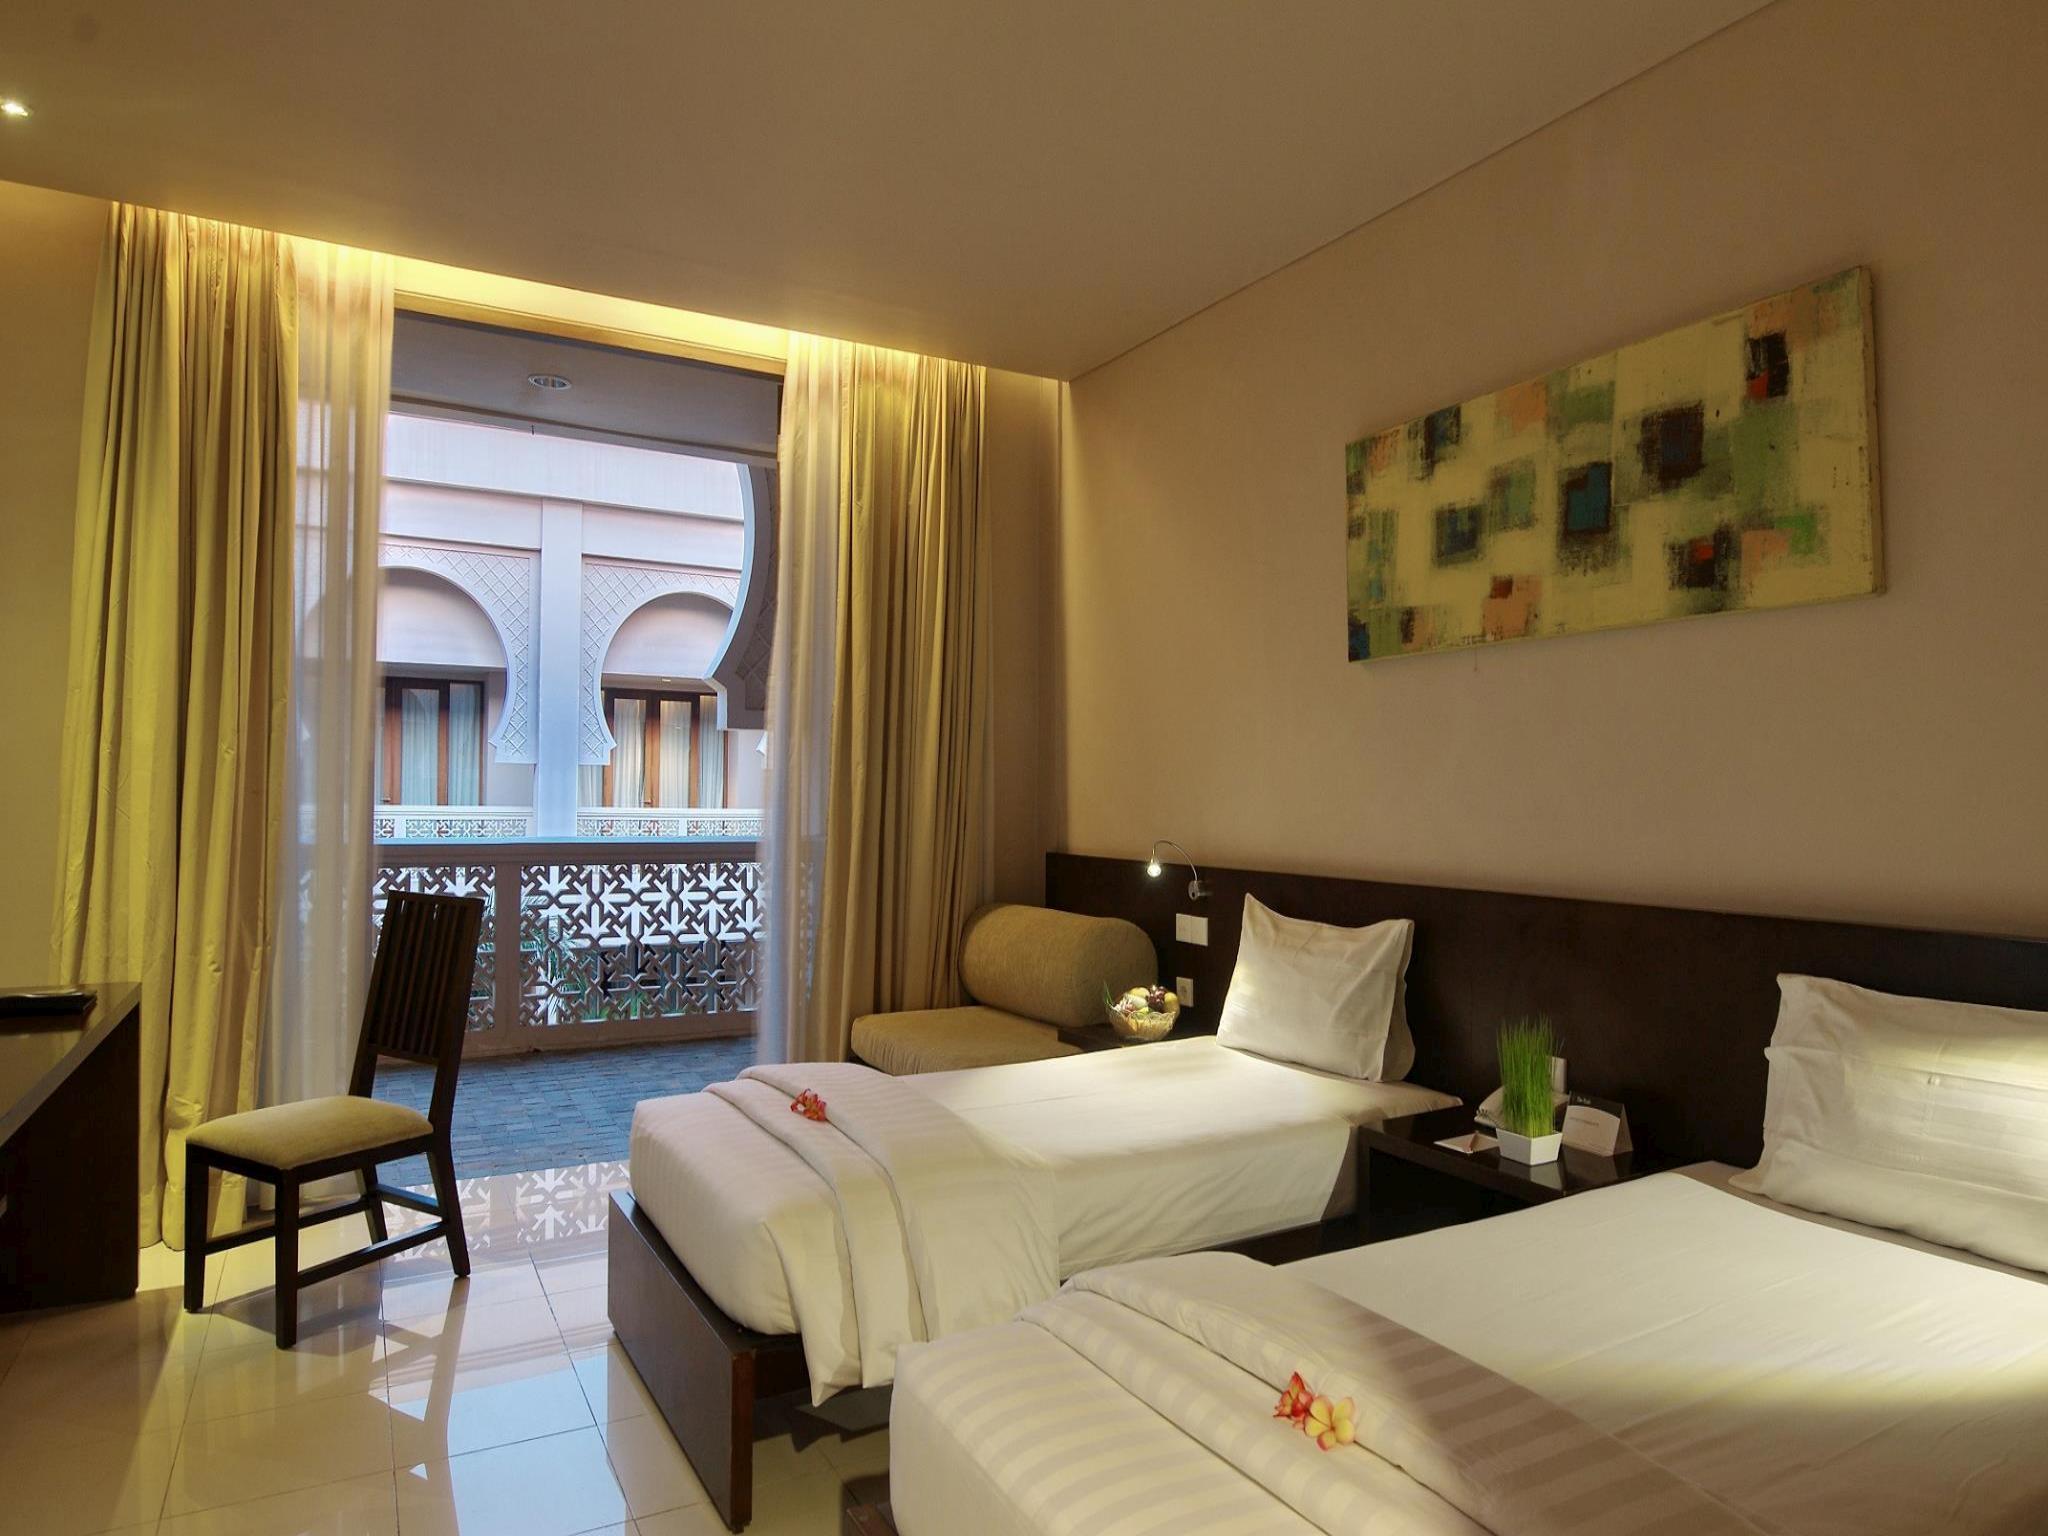 http://pix8.agoda.net/hotelImages/109/109027/109027_16110310560048380626.jpg